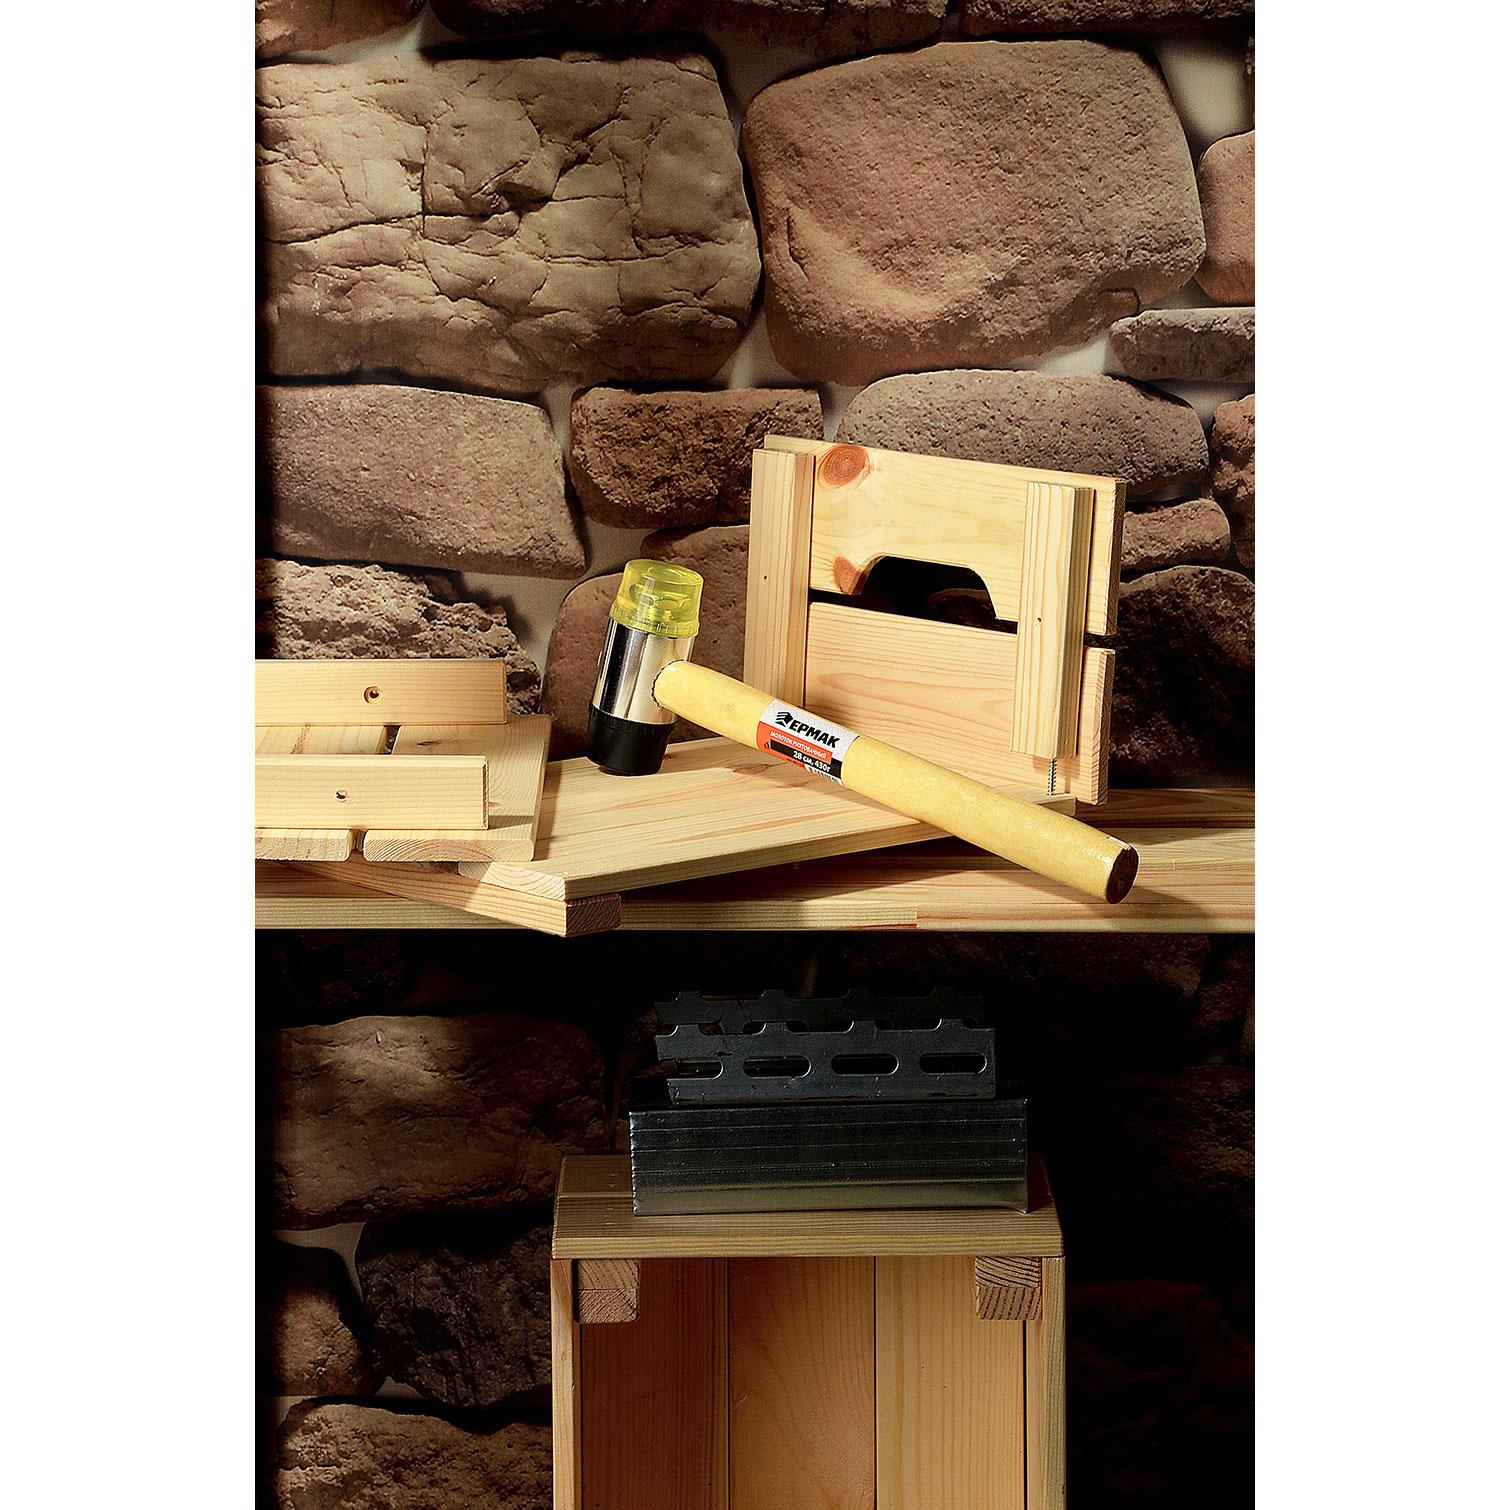 ЕРМАК Молоток рихтовочный, 430гр, 28 см